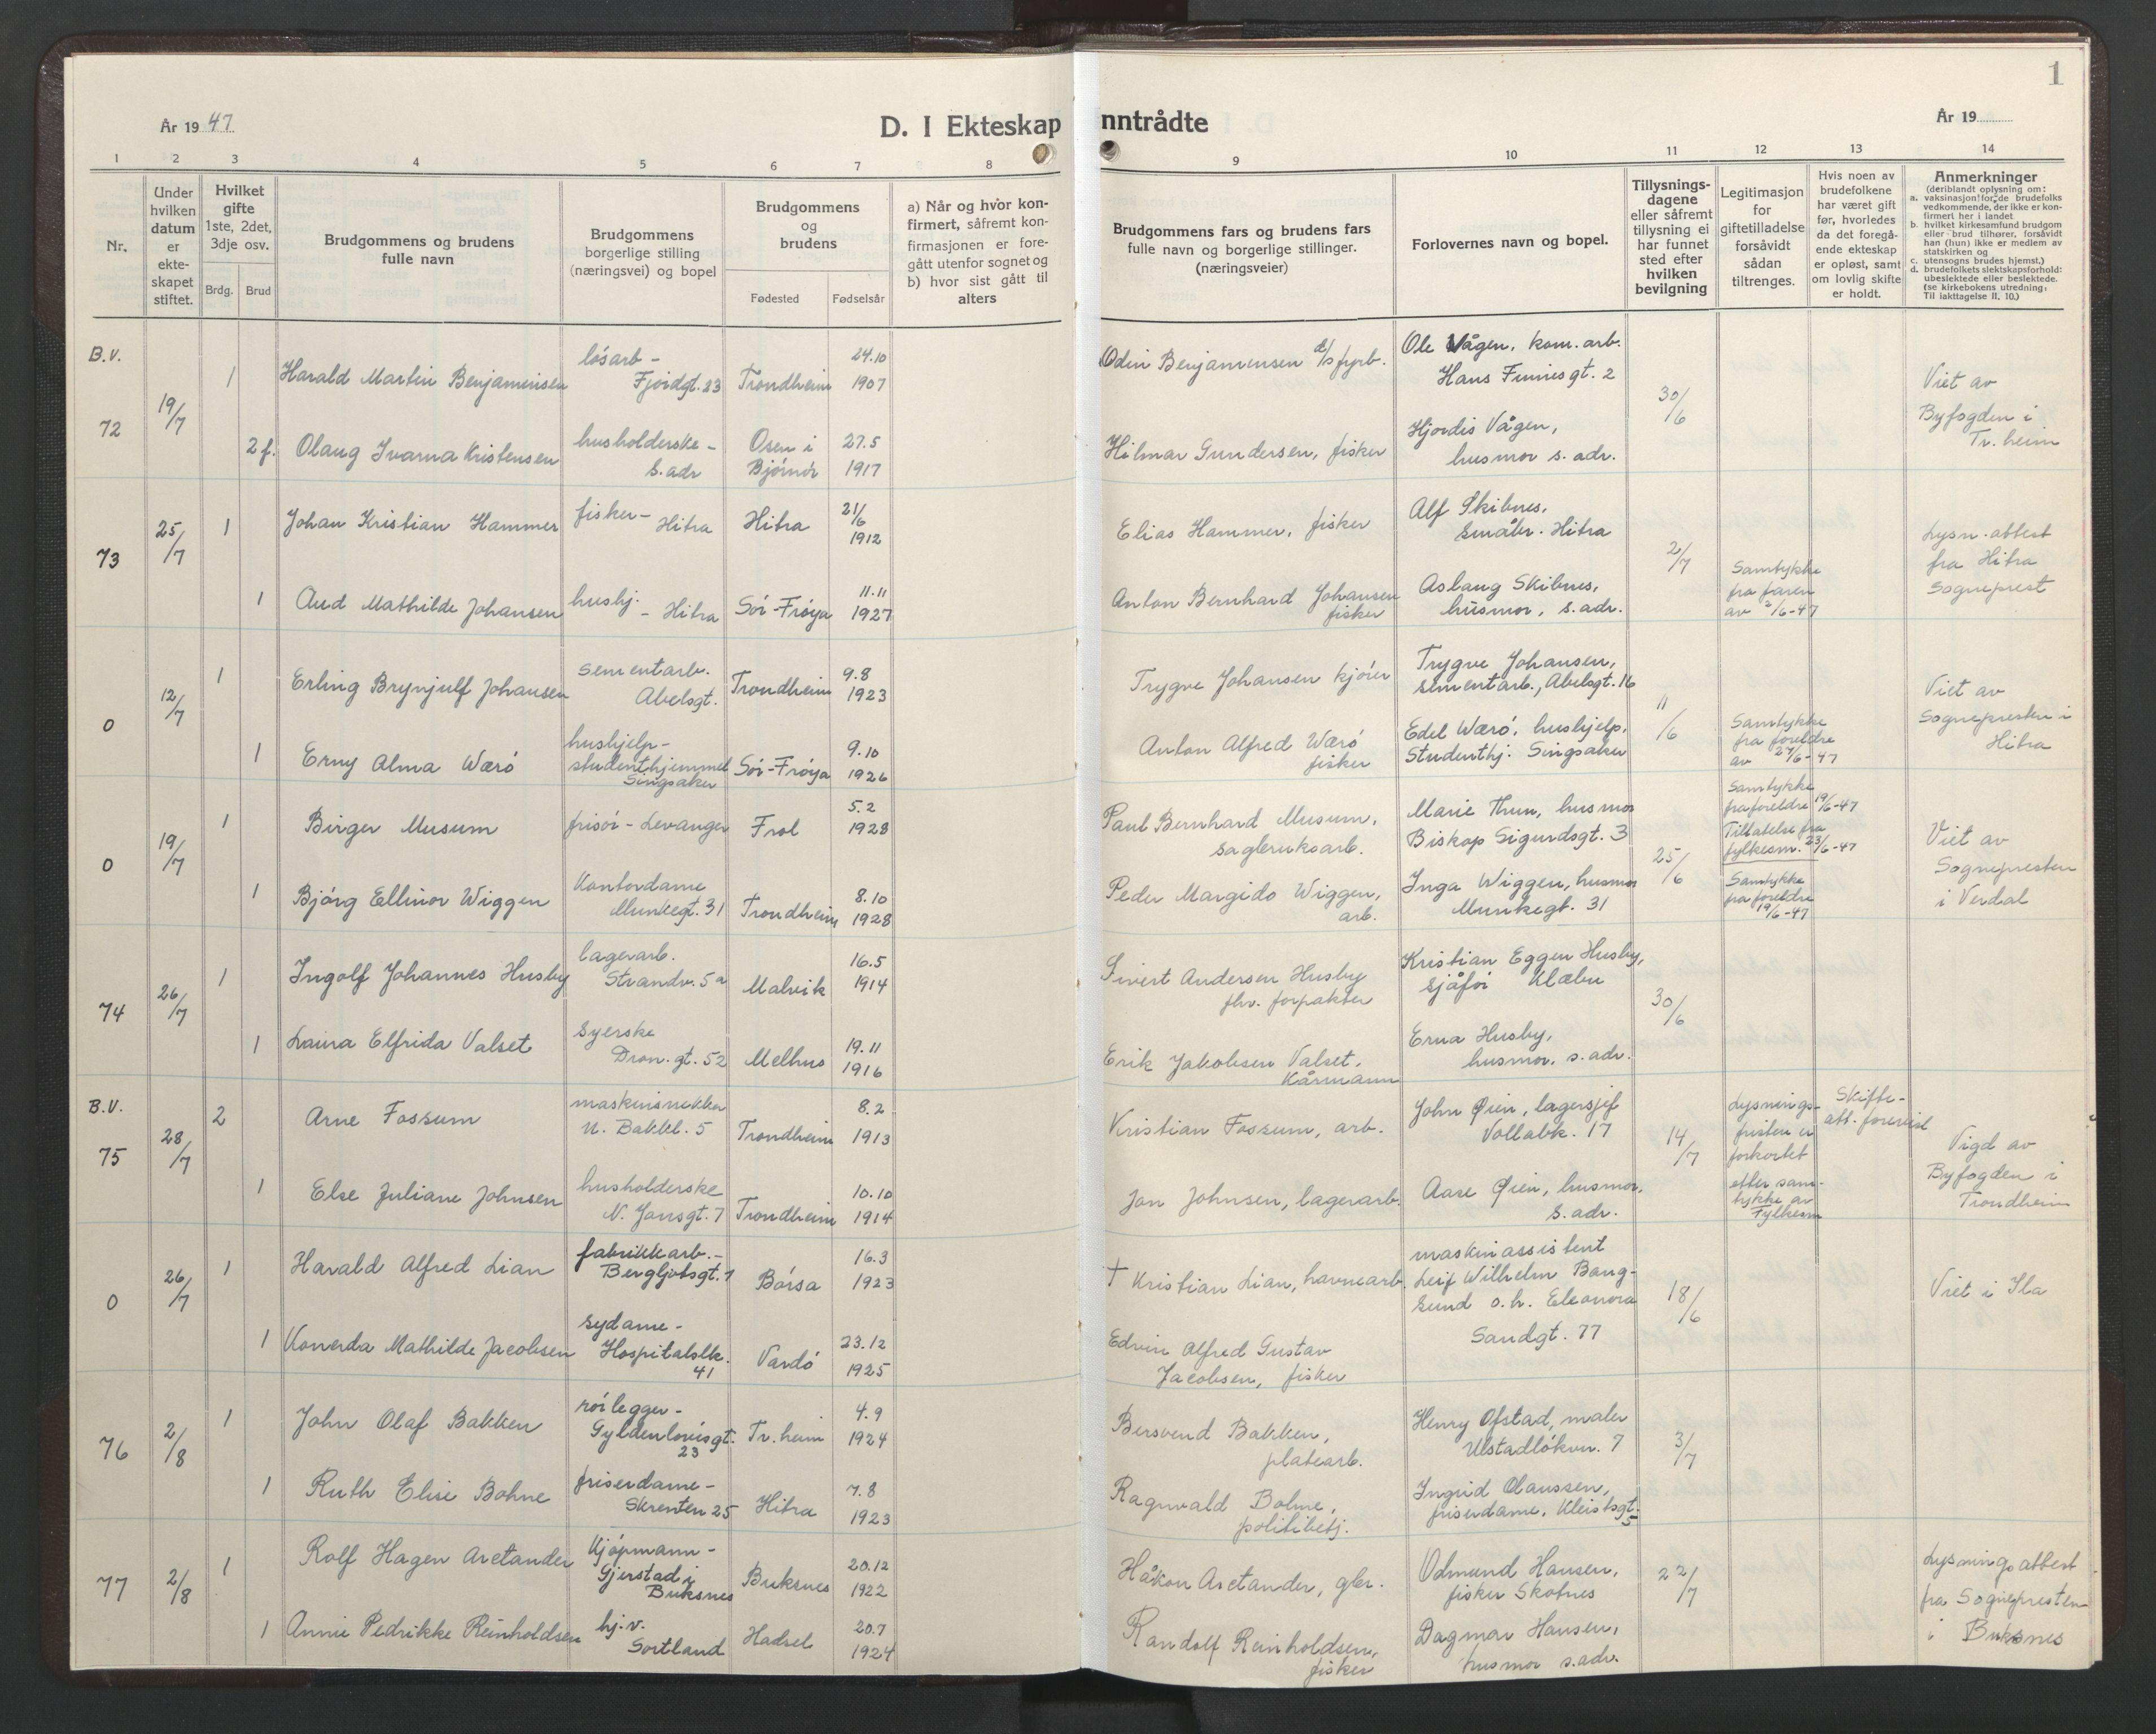 SAT, Ministerialprotokoller, klokkerbøker og fødselsregistre - Sør-Trøndelag, 602/L0155: Klokkerbok nr. 602C23, 1947-1950, s. 1